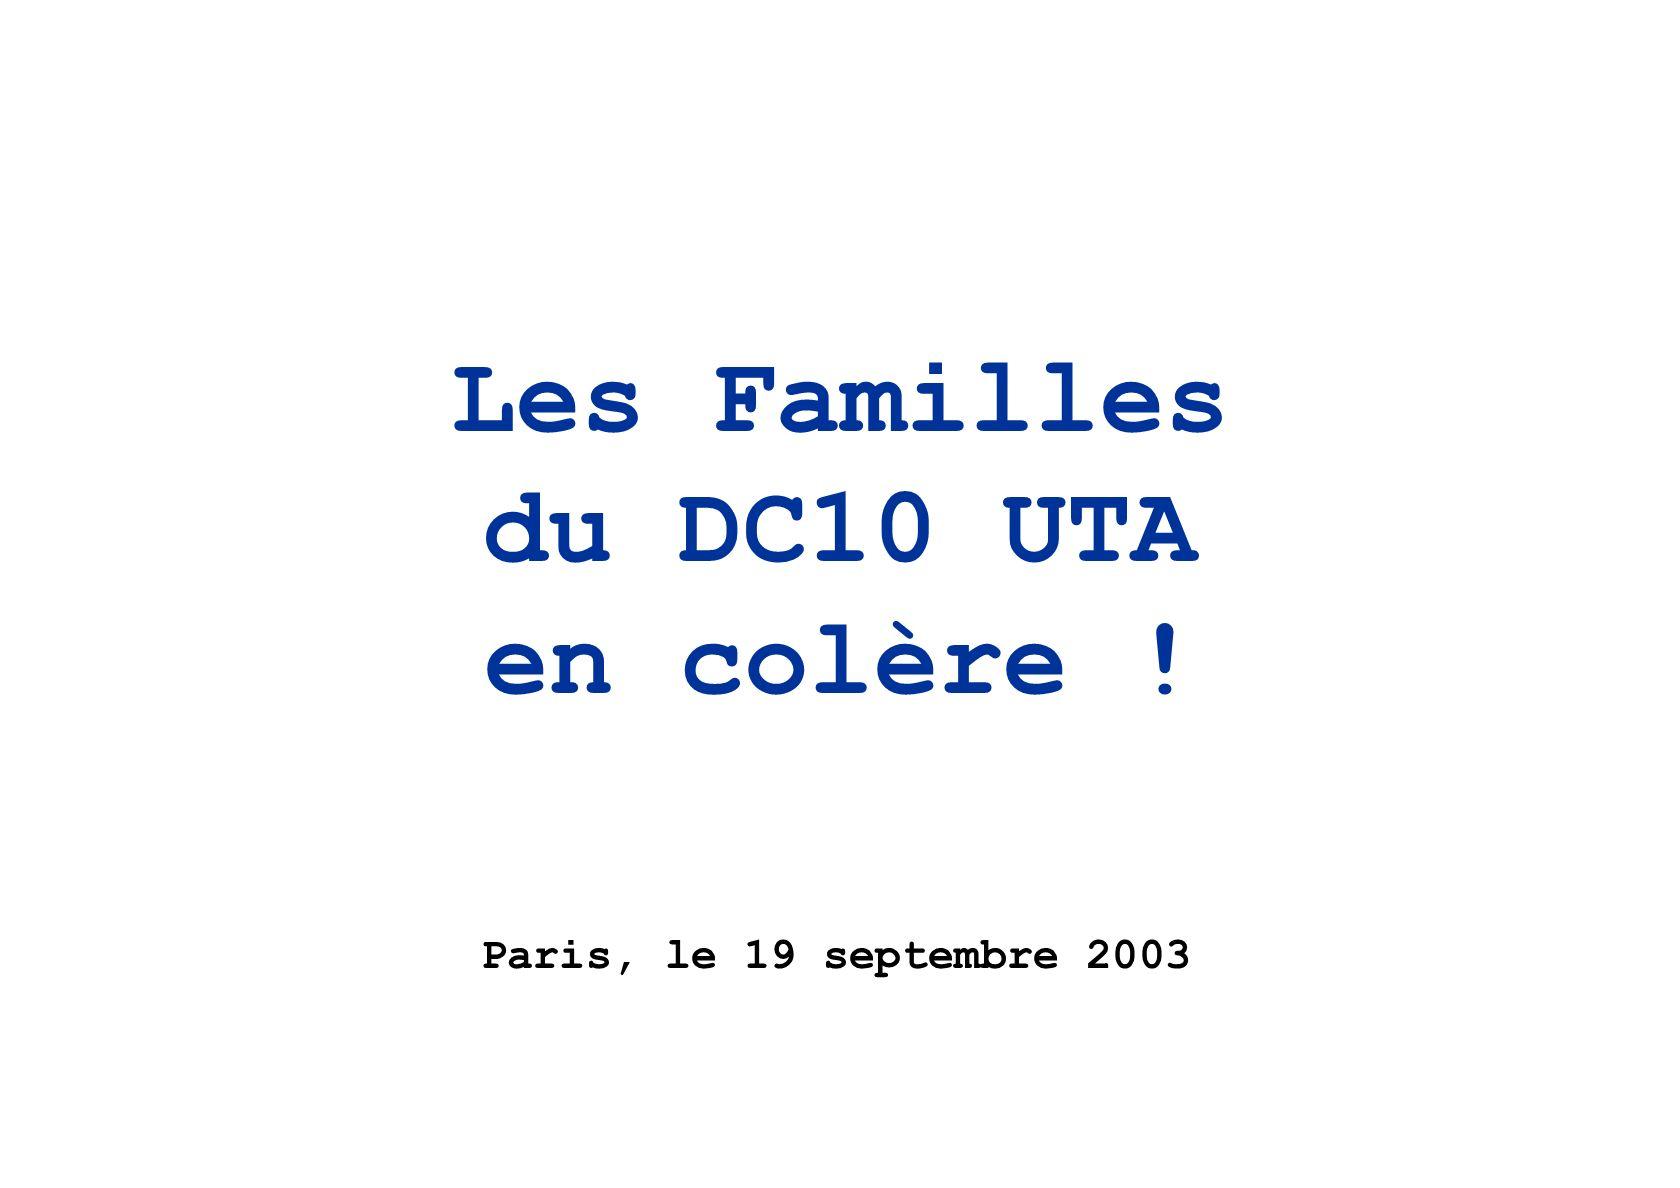 Les Familles du DC10 UTA en colère ! Paris, le 19 septembre 2003